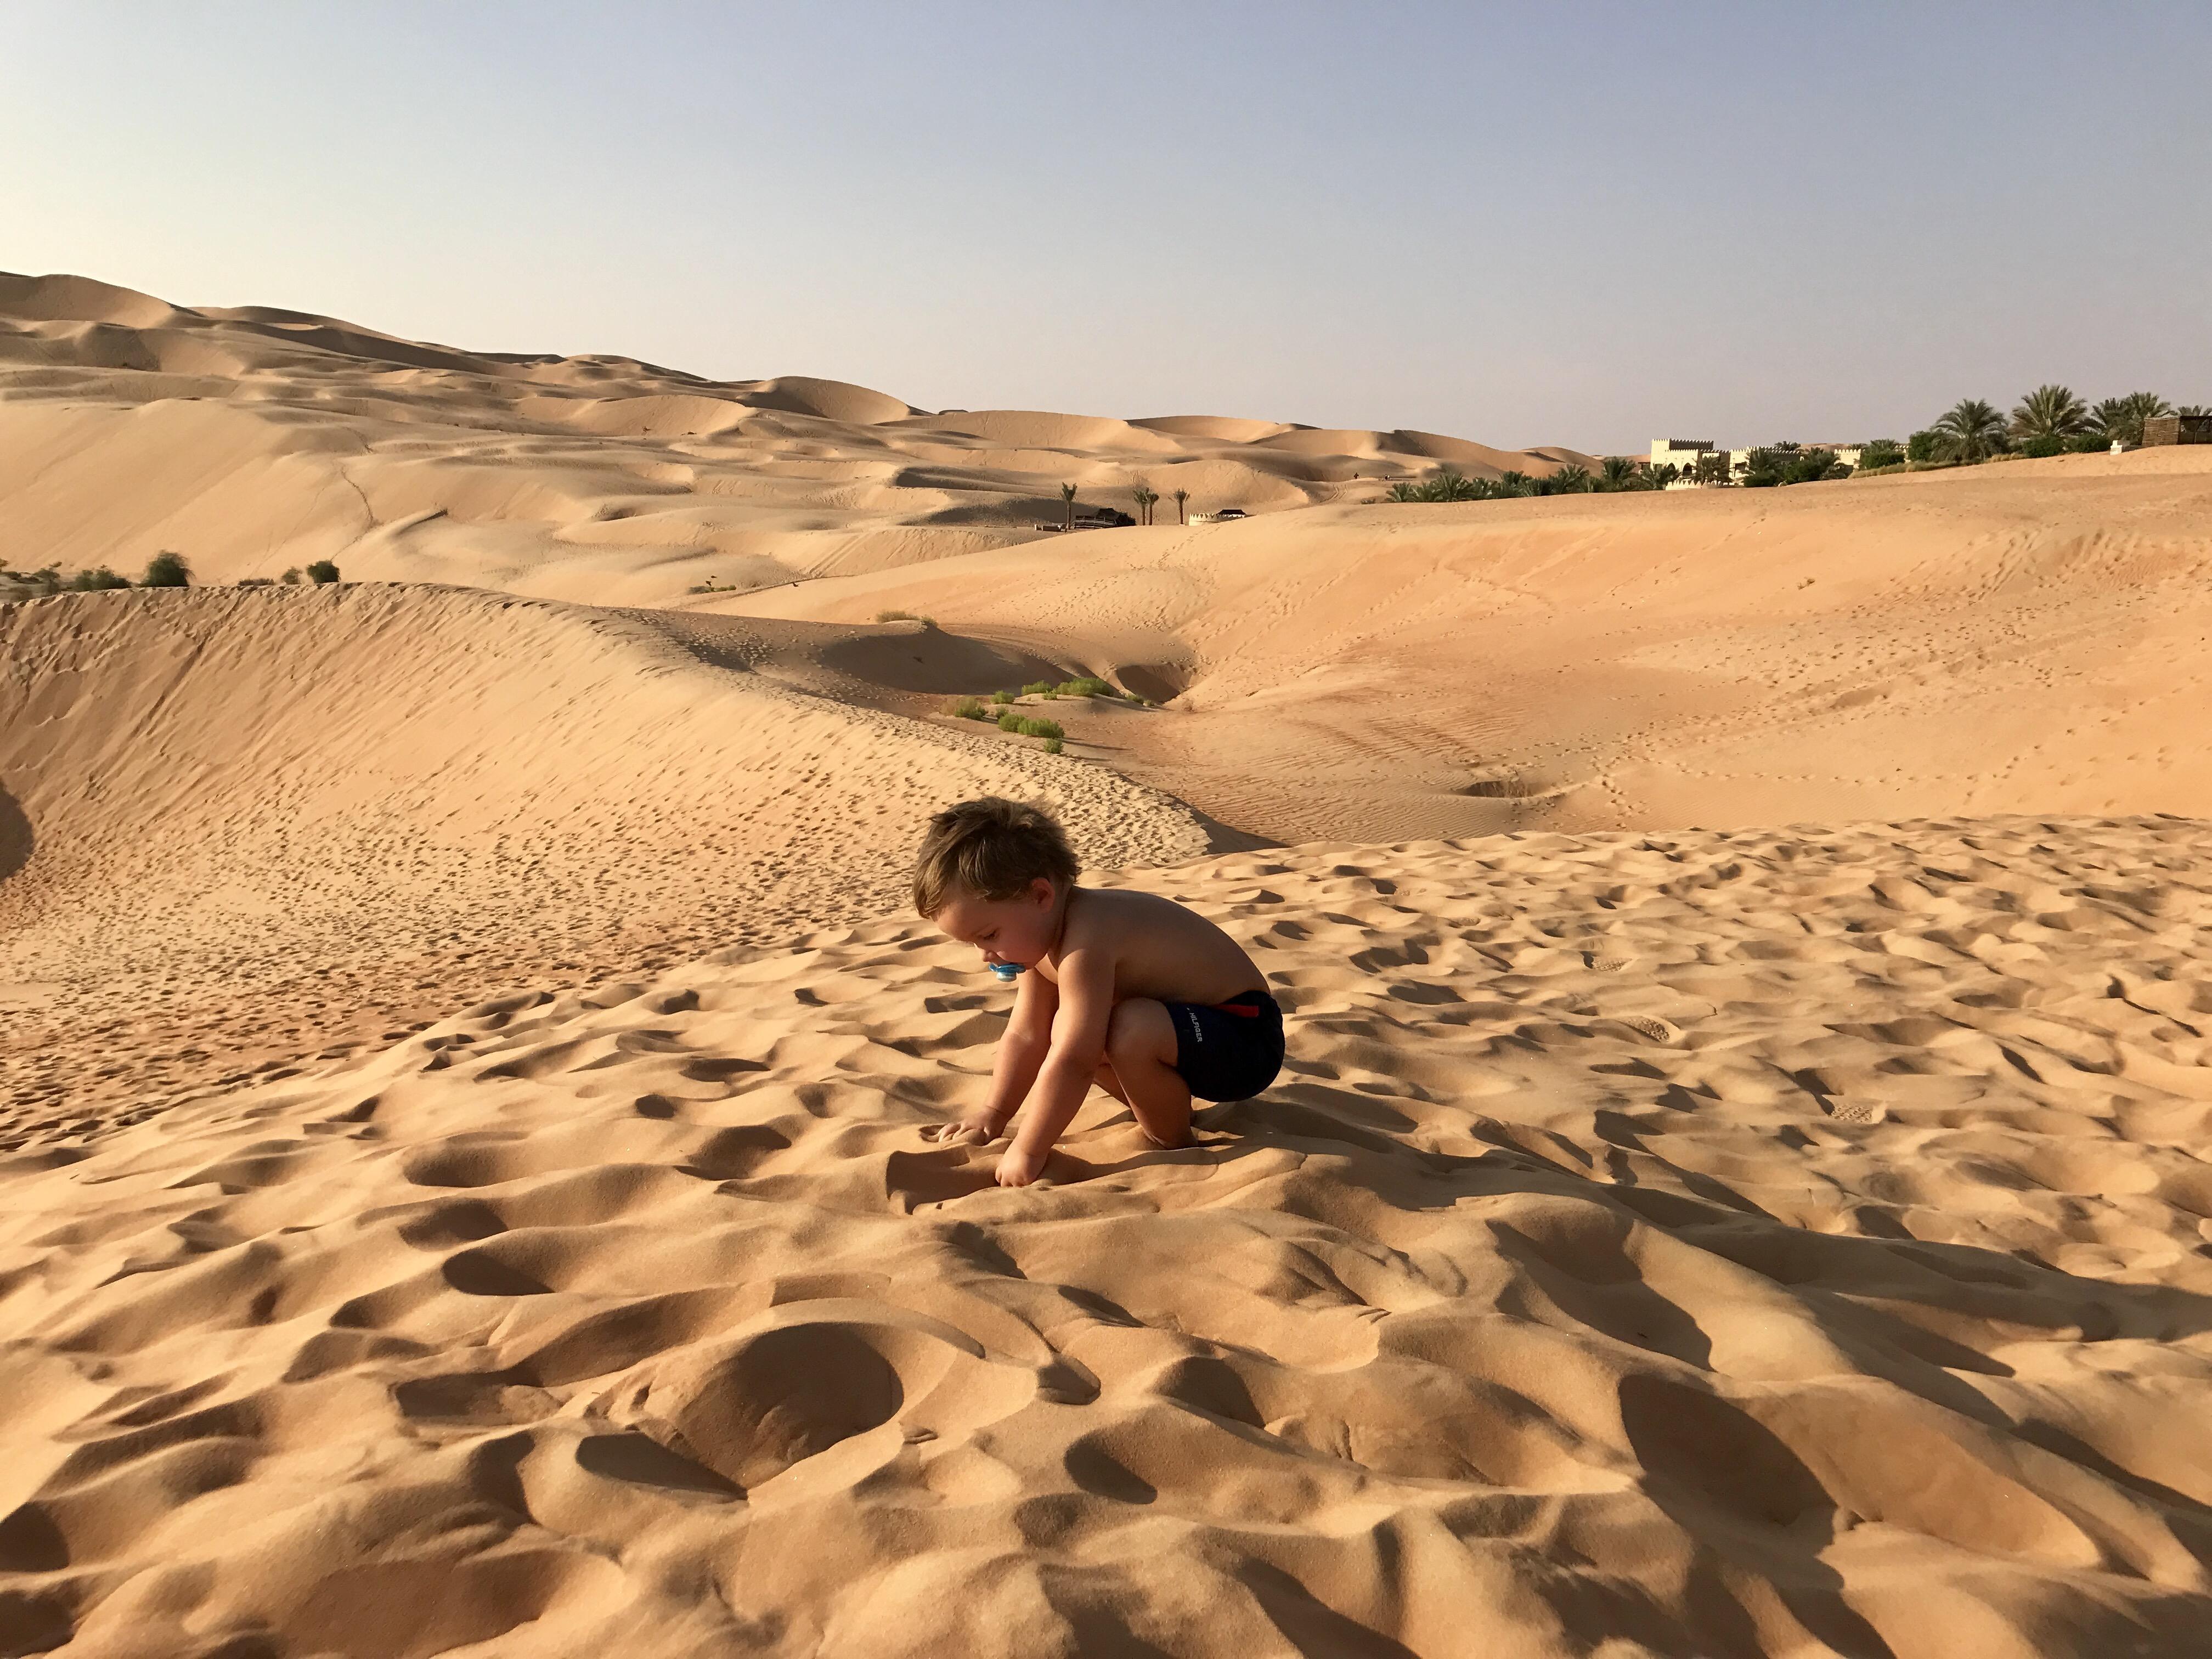 Riesiger Sandspielplatz